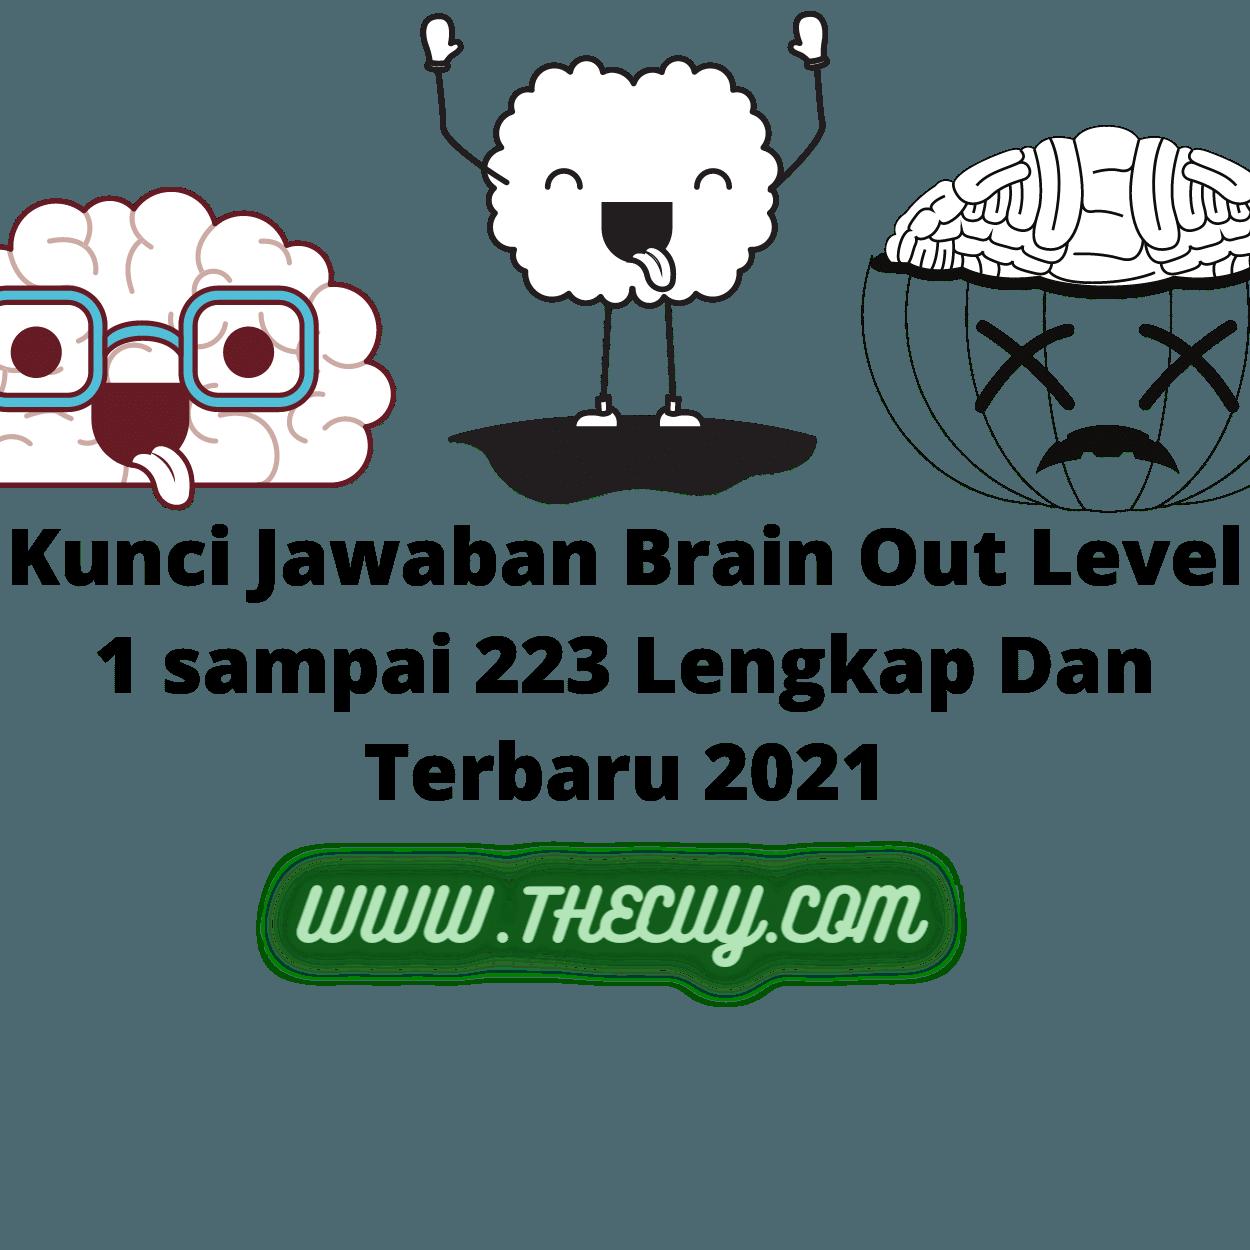 Kunci Jawaban Brain Out Level 1 sampai 223 Lengkap Dan Terbaru 2021